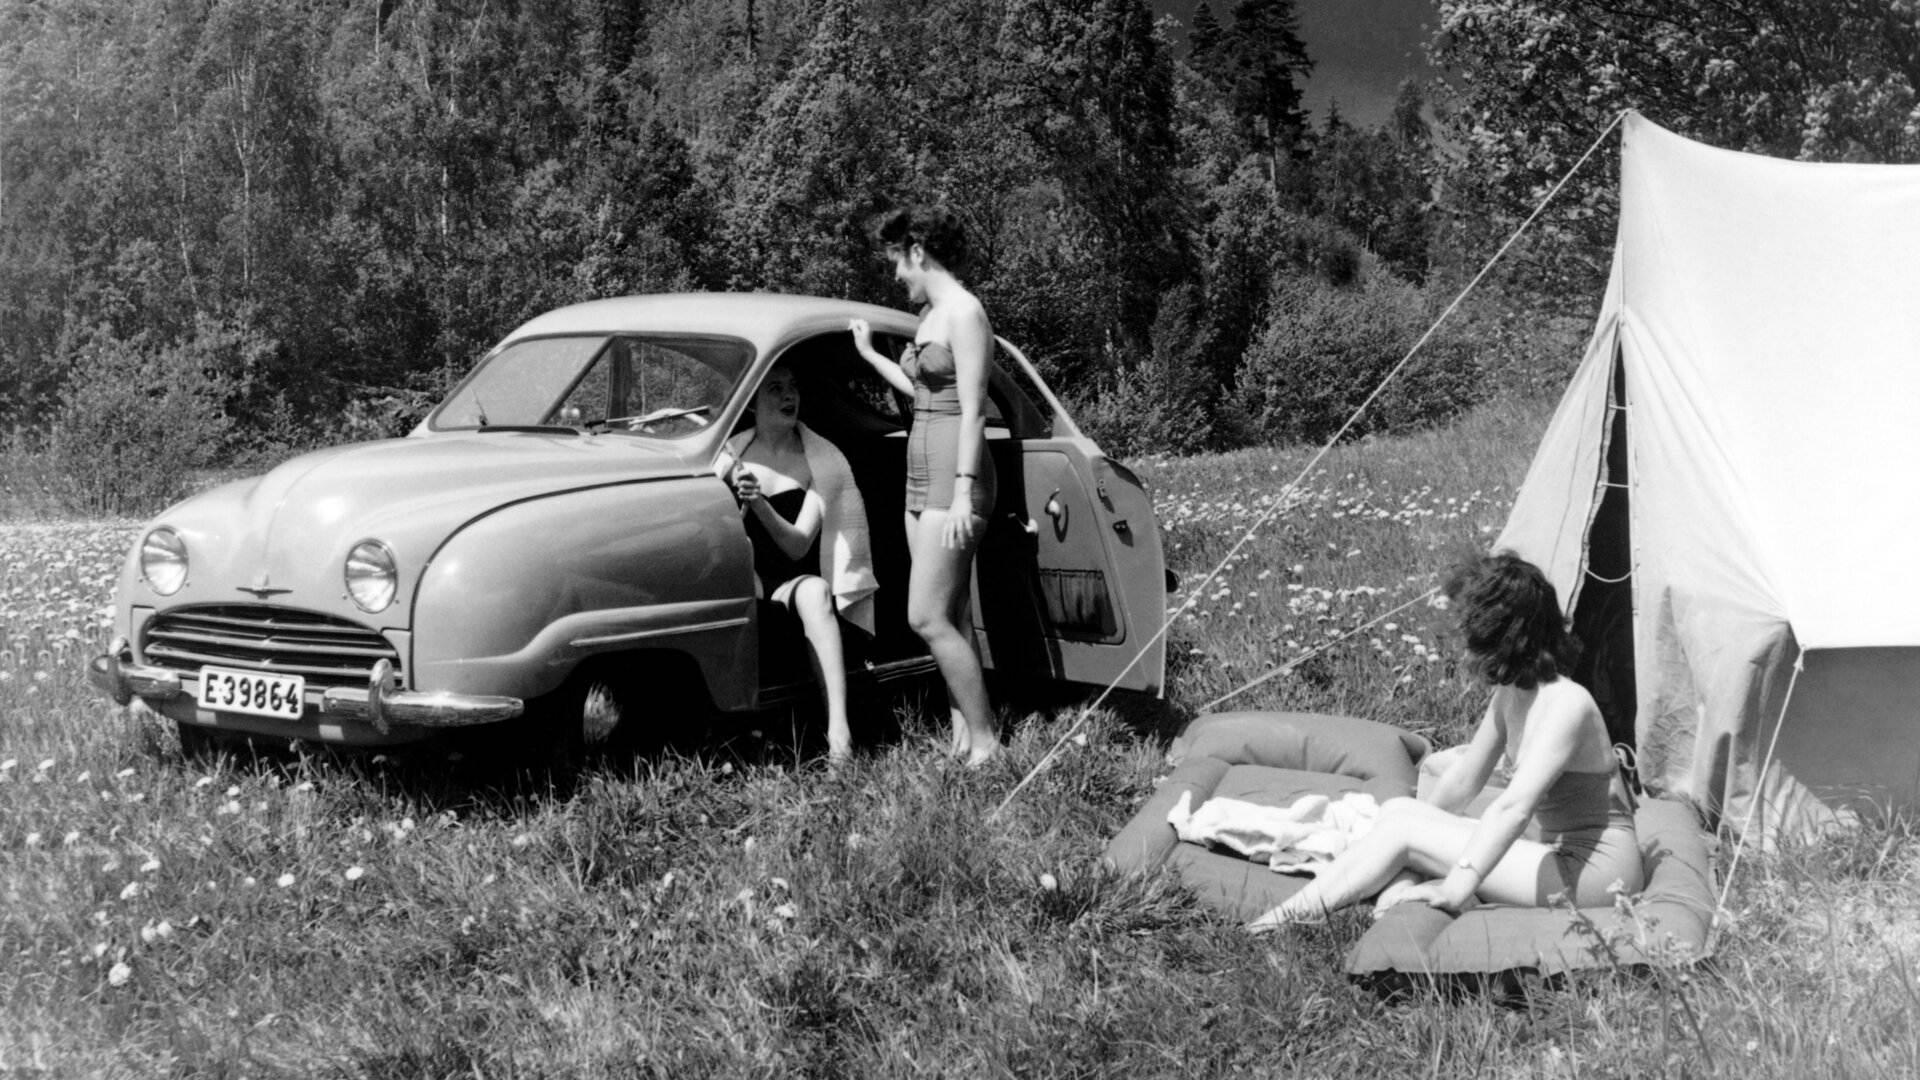 Saab 92 camping